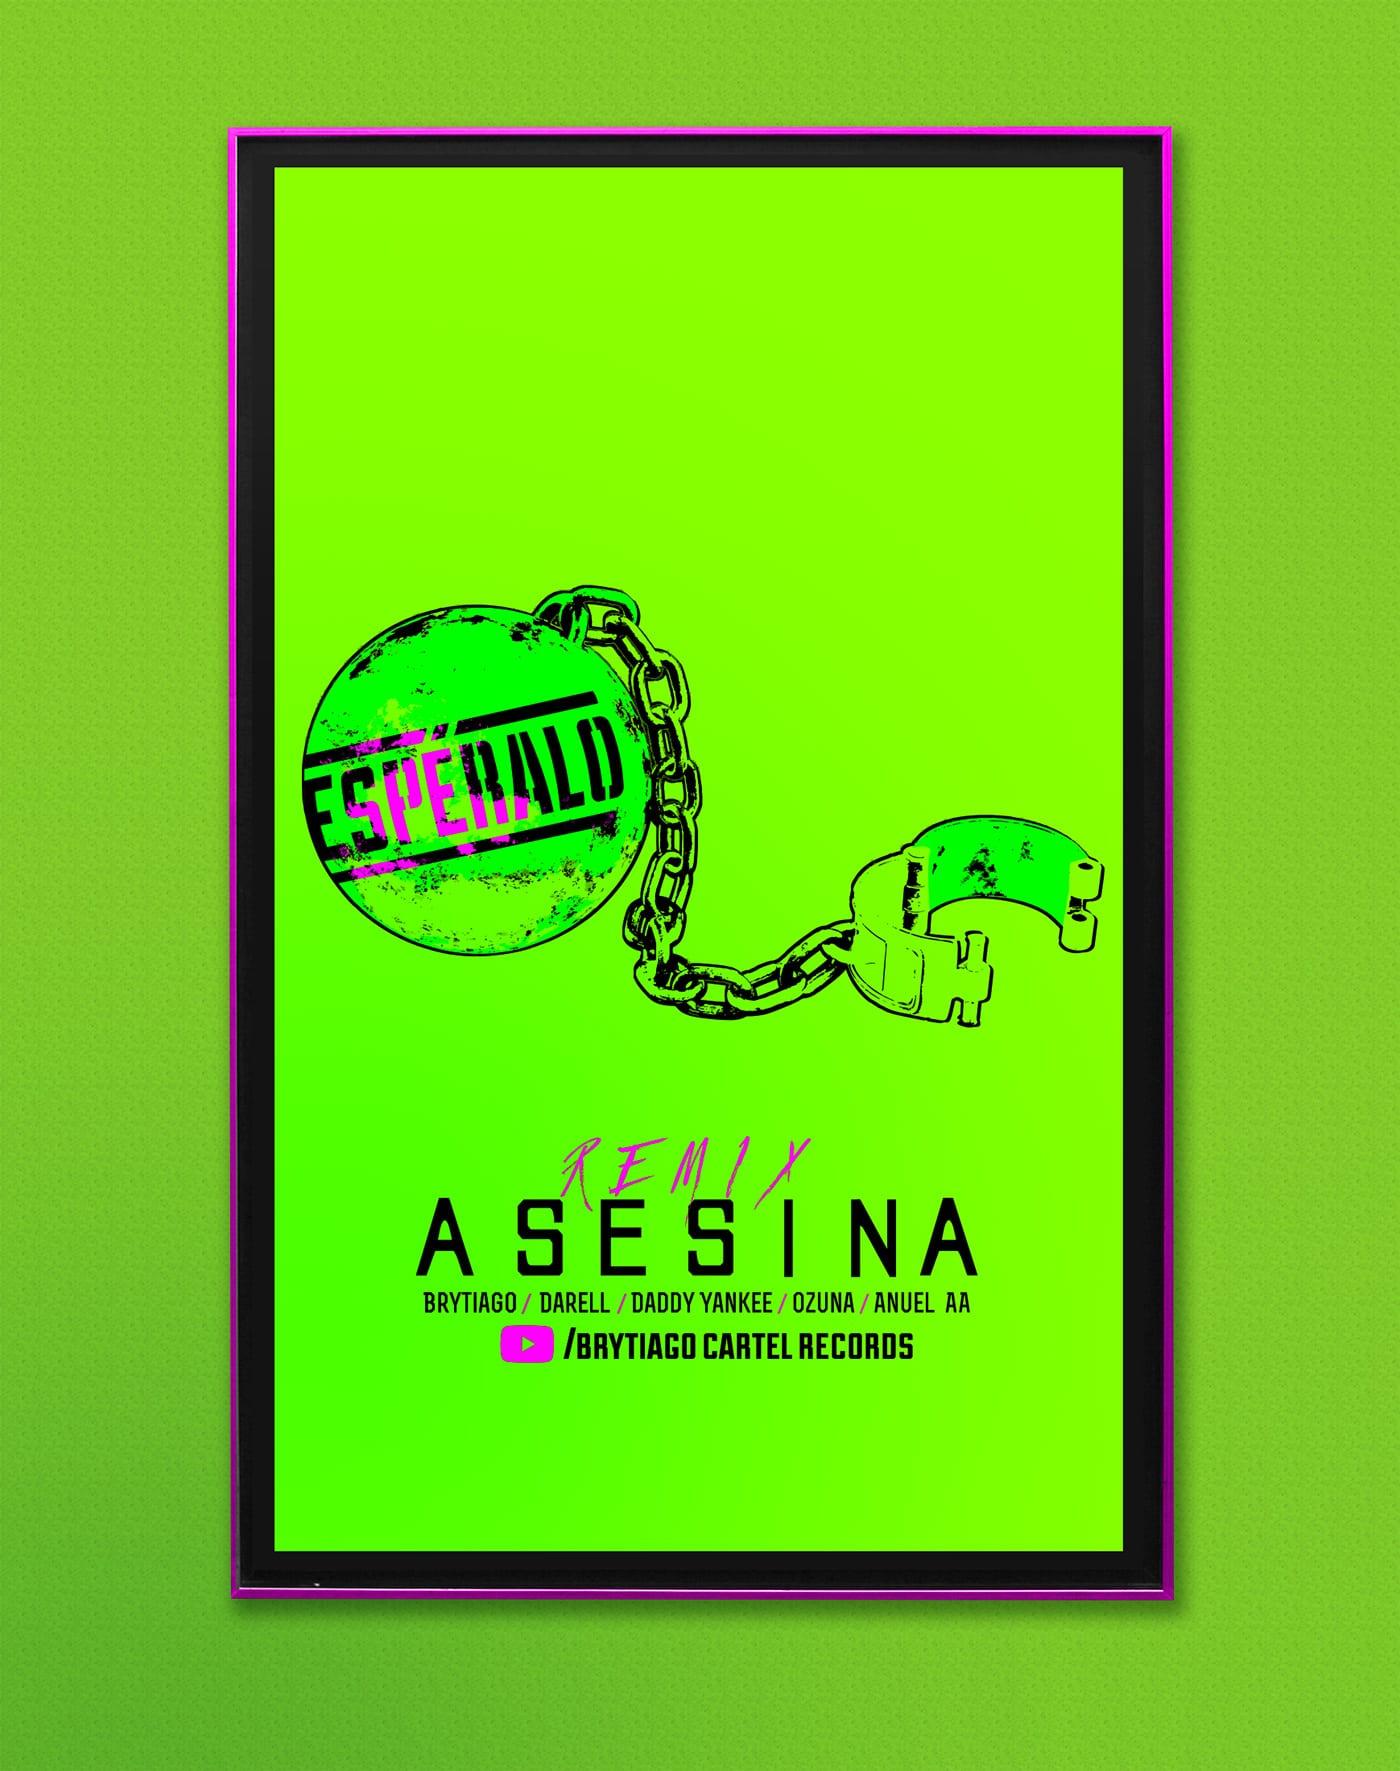 afiche verde limón asesina 2heart